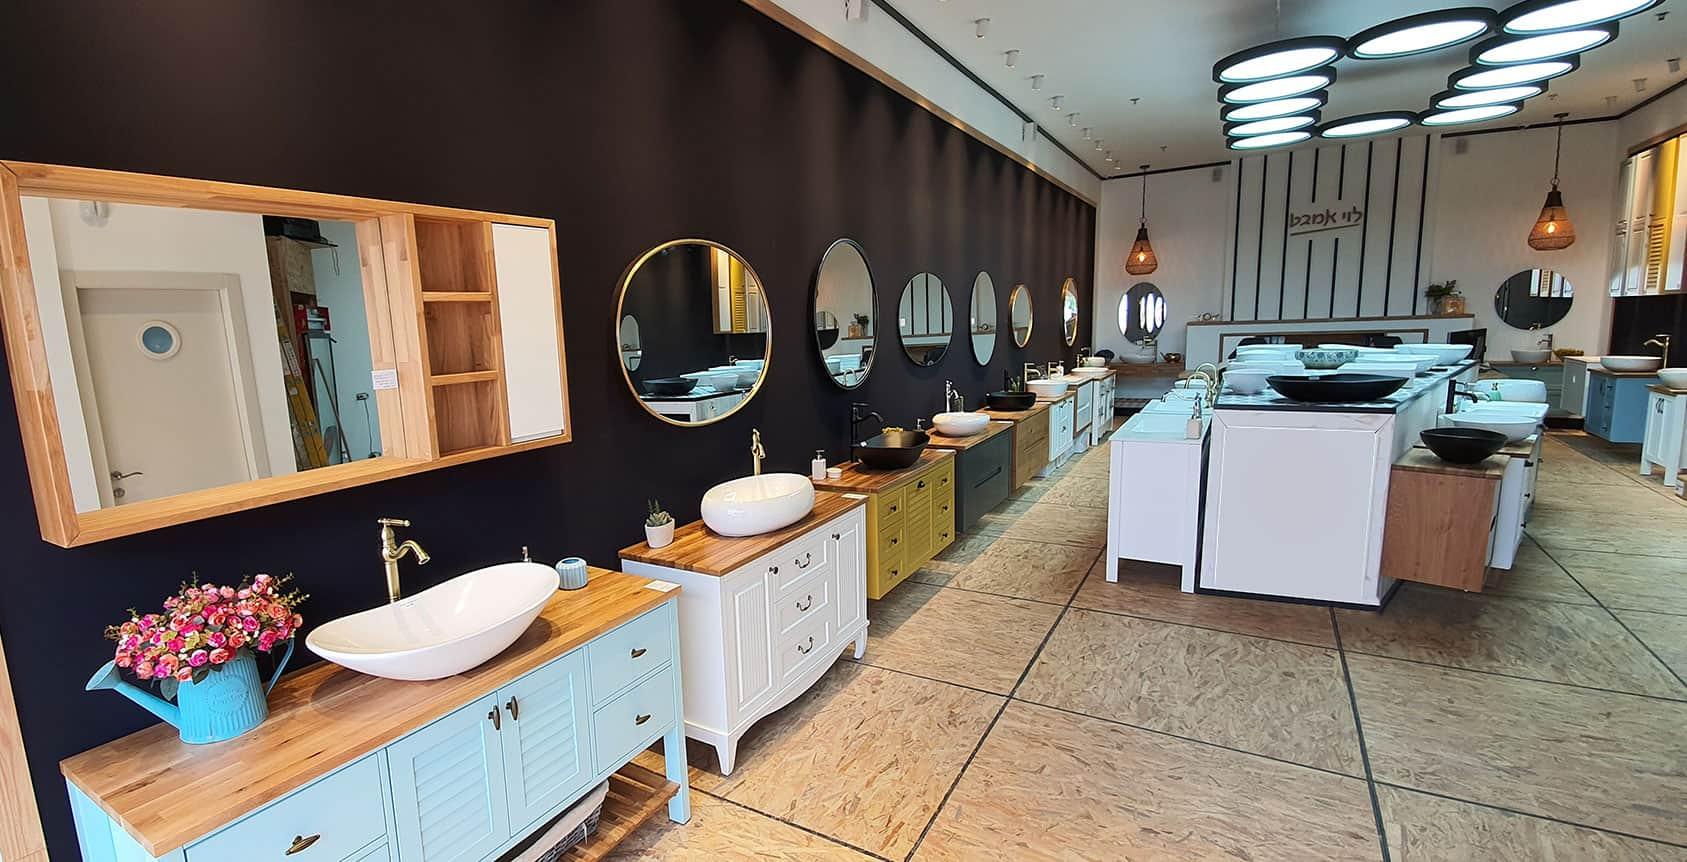 לוי-אמבט-ארונות-אמבטיה-חנות-ראשון-לציון